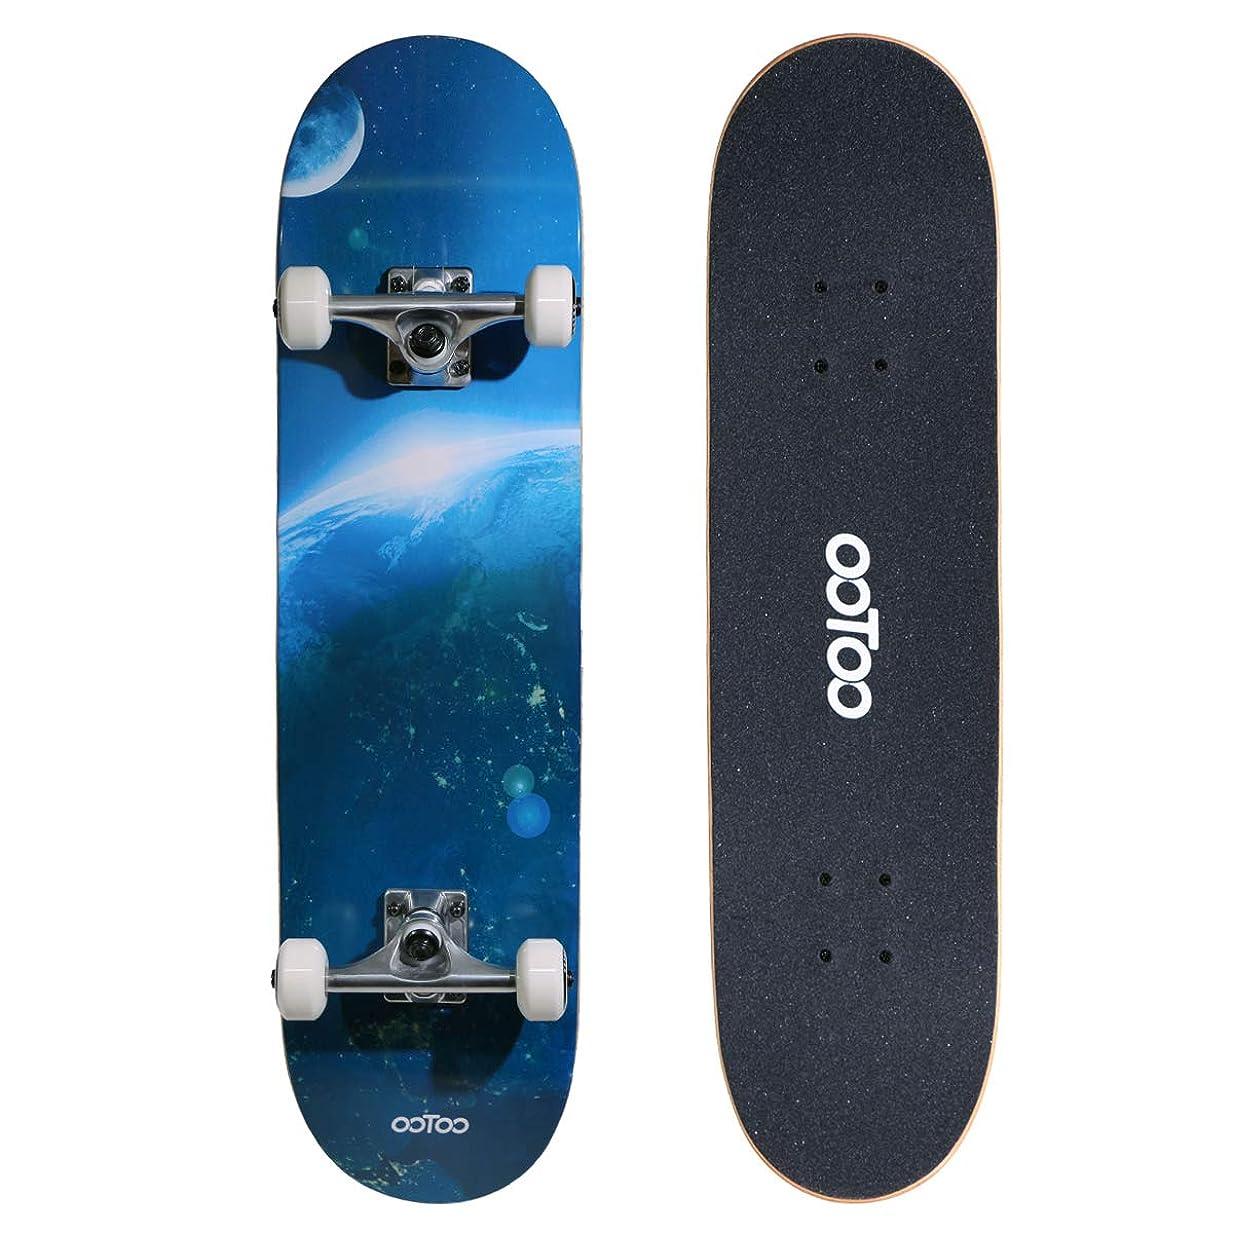 はい高尚な災難Cool&Fun 電動スケートボードスケートボード電動キックボードキックボードスケボーリモコン付き最大時速15キロ/ H(黄)